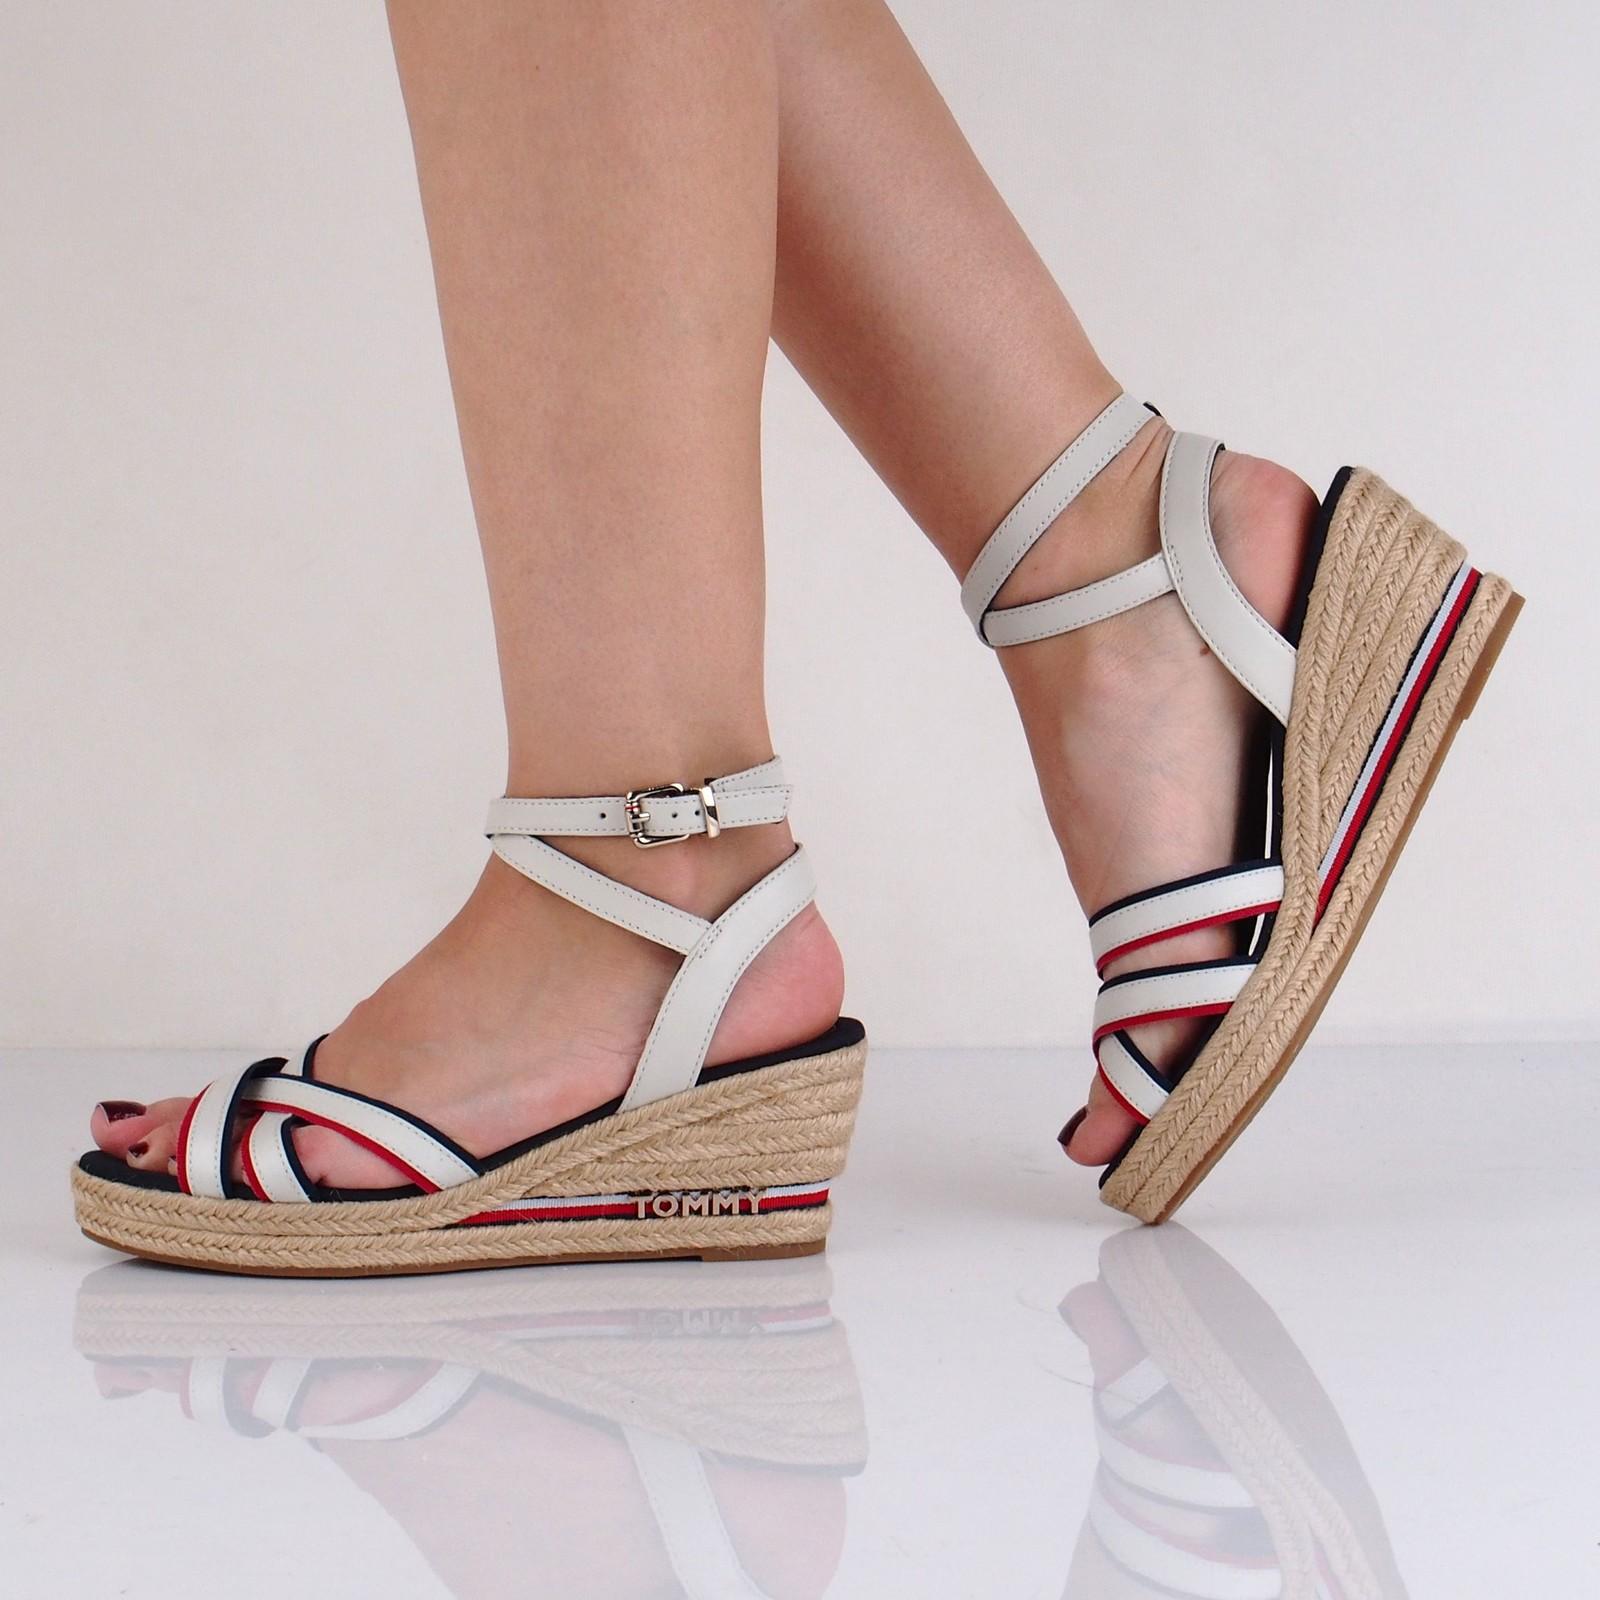 Tommy Hilfiger dámské stylové sandály na klinové podrážce - bílé